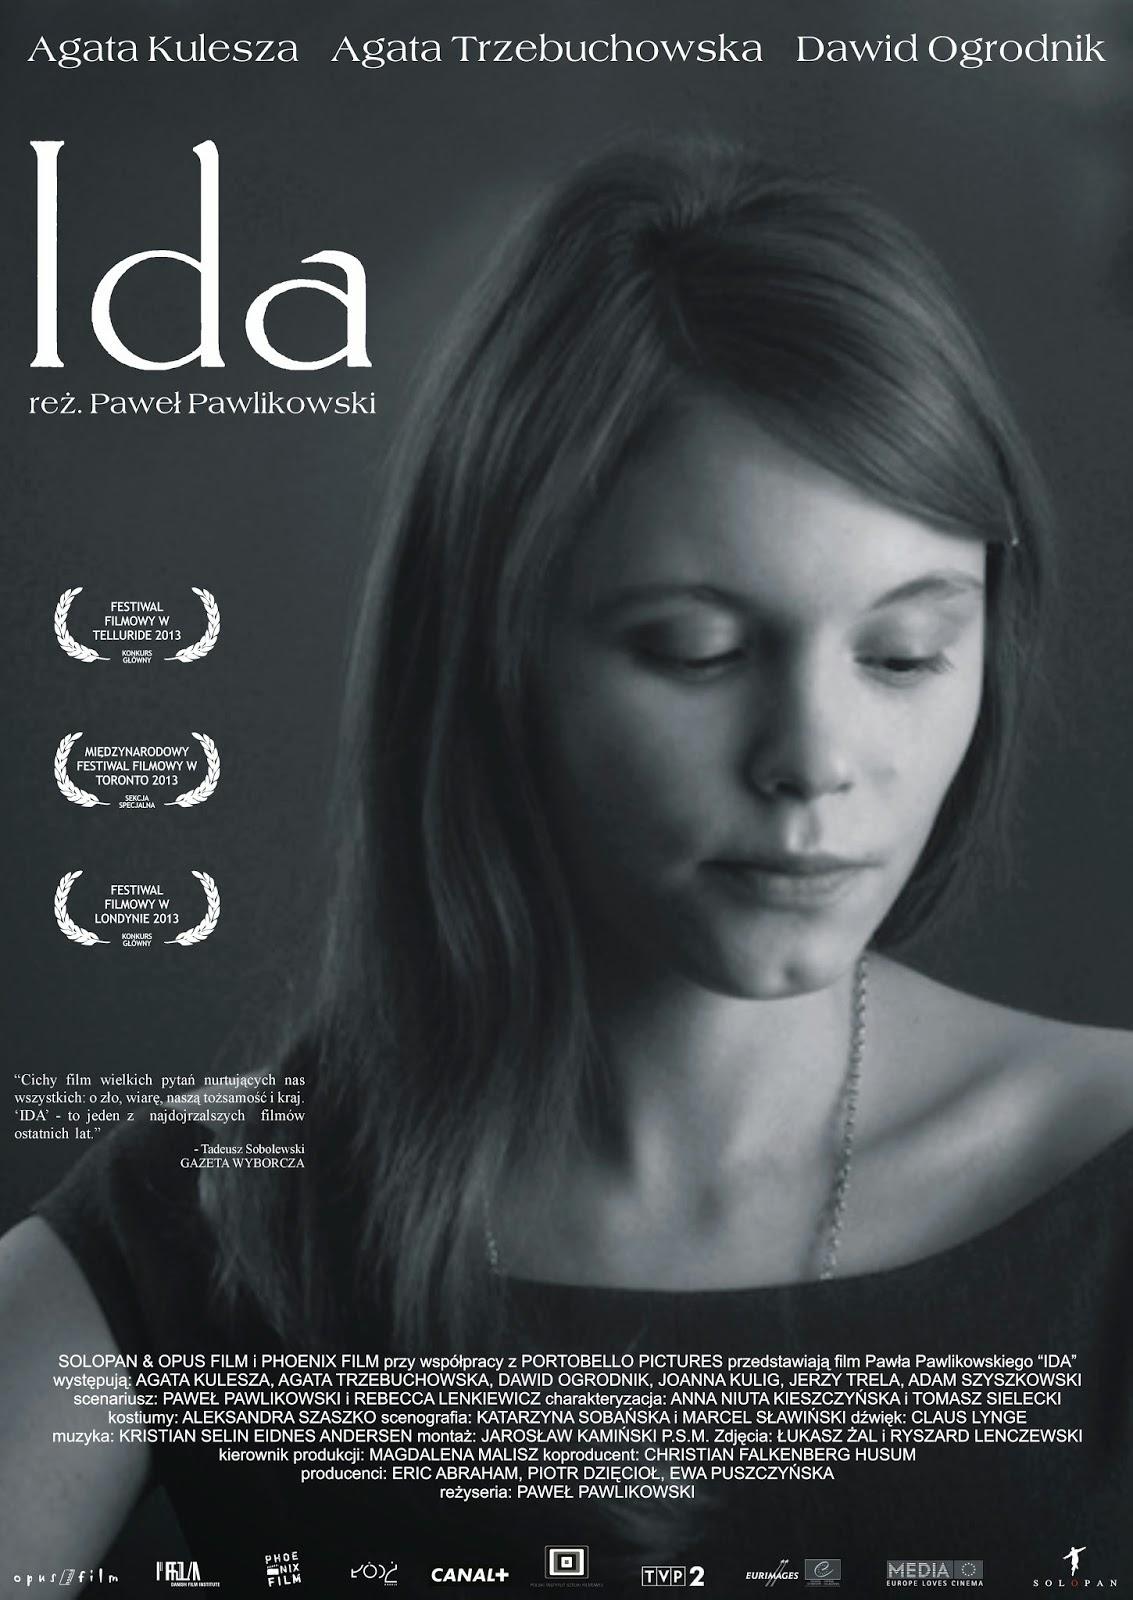 http://www.filmaffinity.com/es/film313764.html